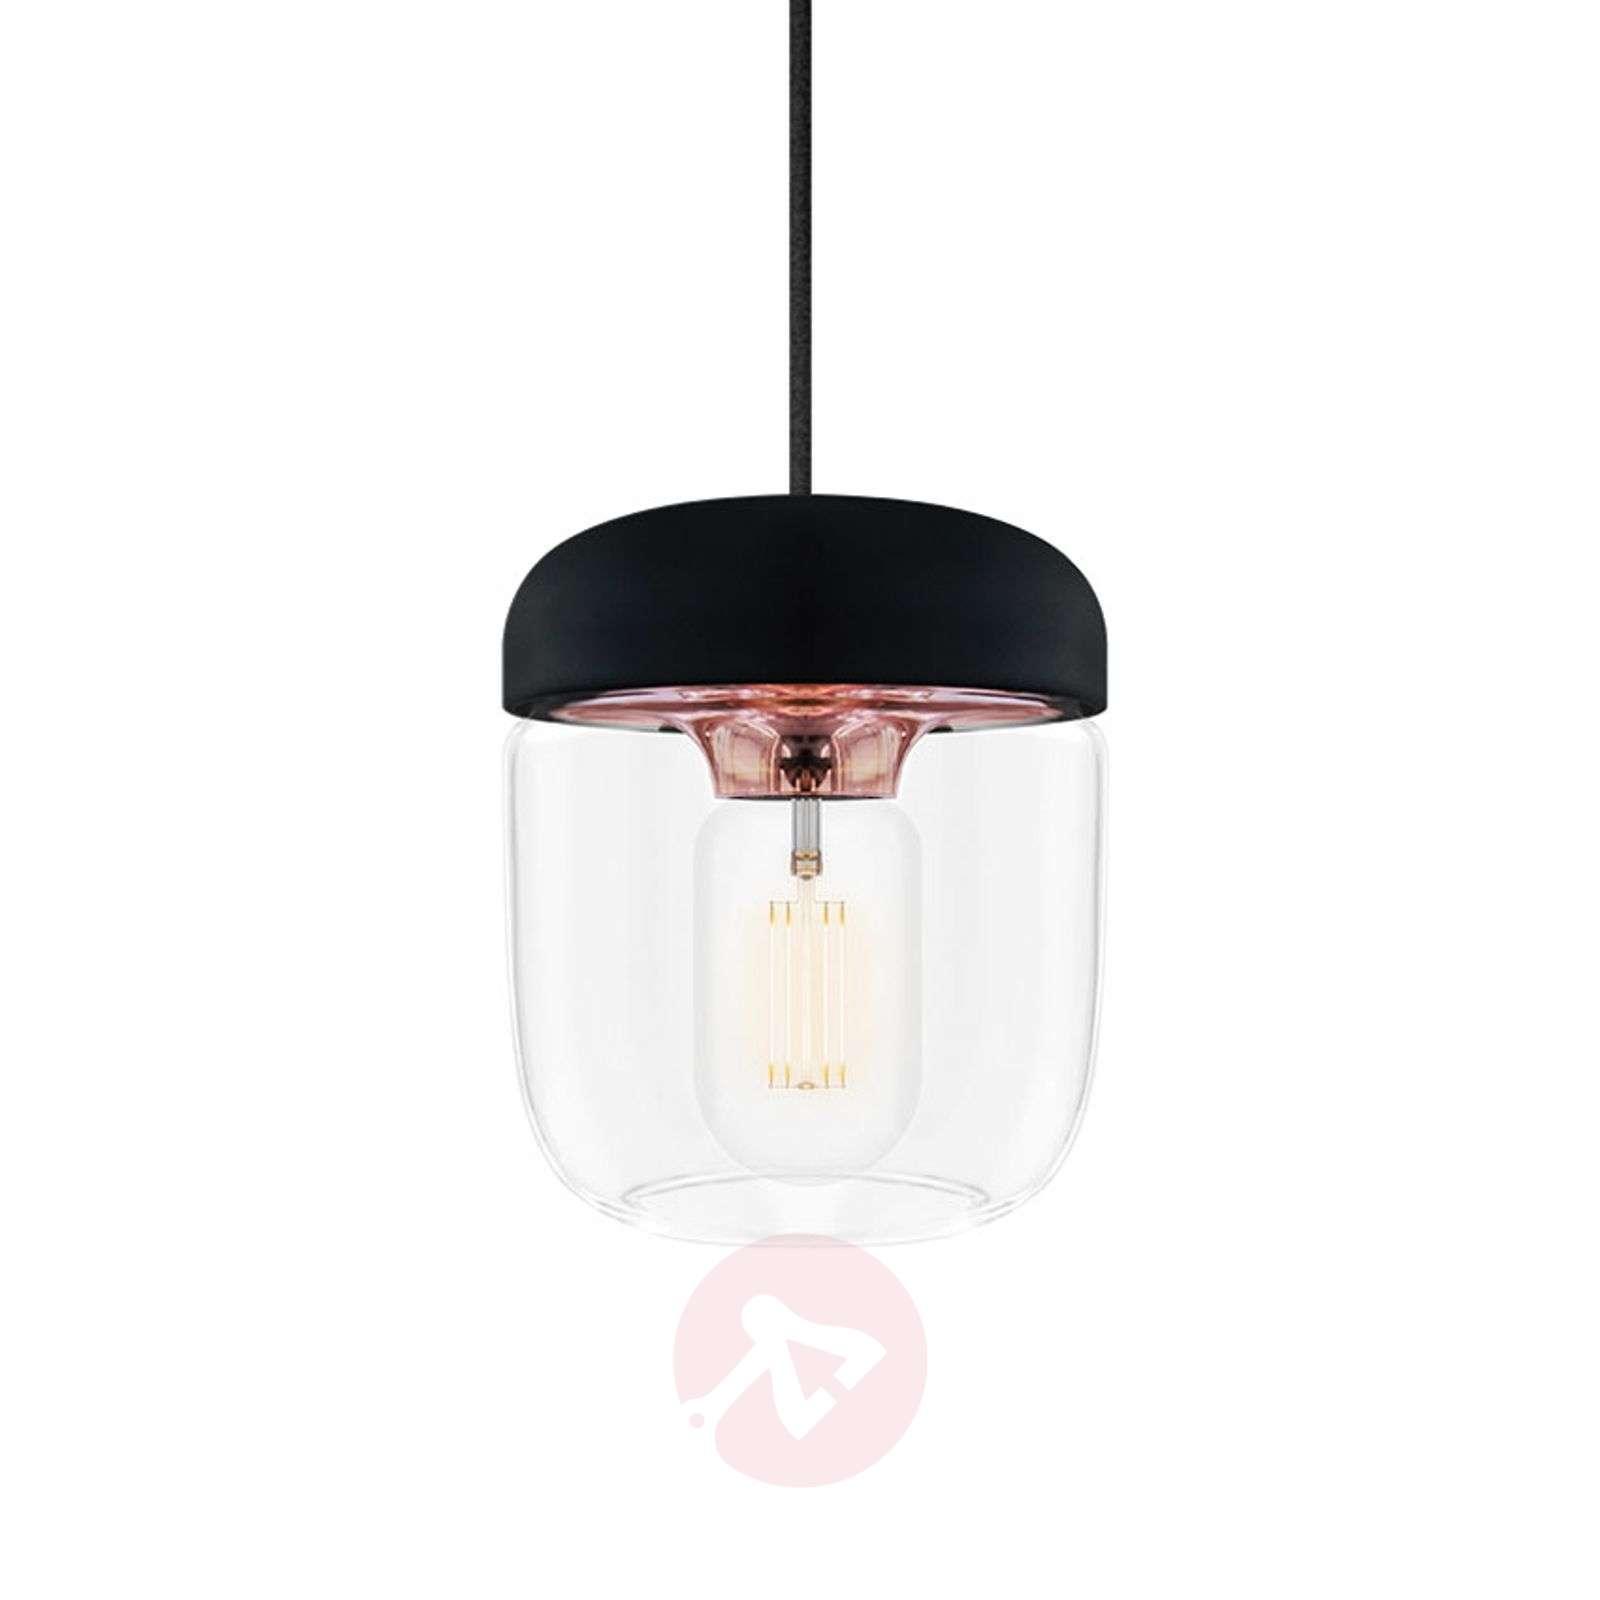 UMAGE Acorn pendant lamp black/copper-9521082-01